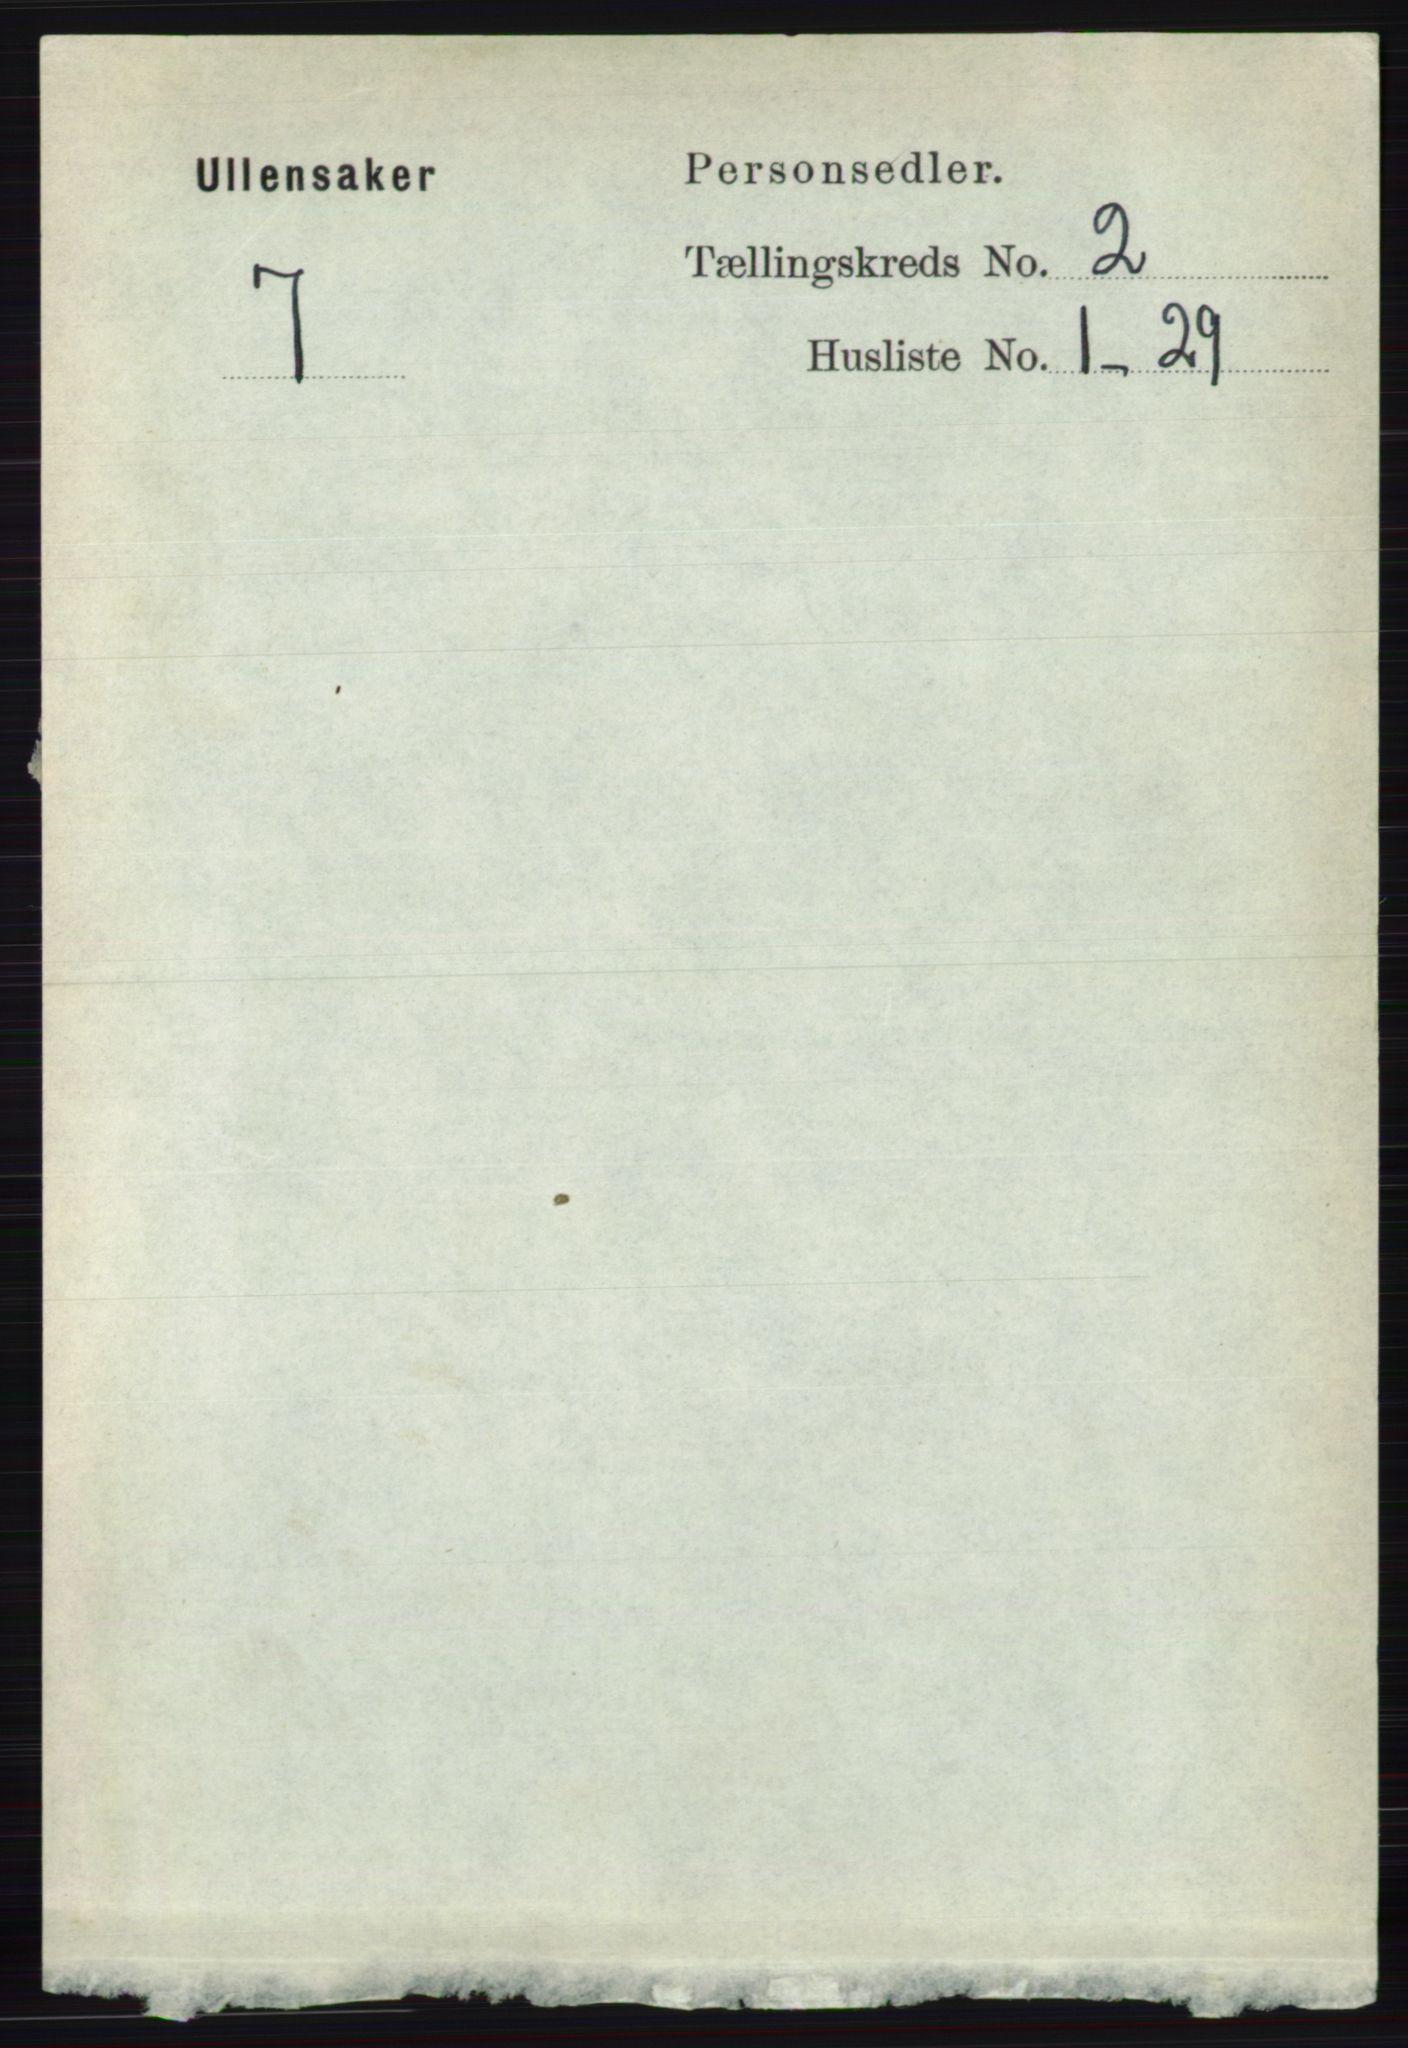 RA, Folketelling 1891 for 0235 Ullensaker herred, 1891, s. 696